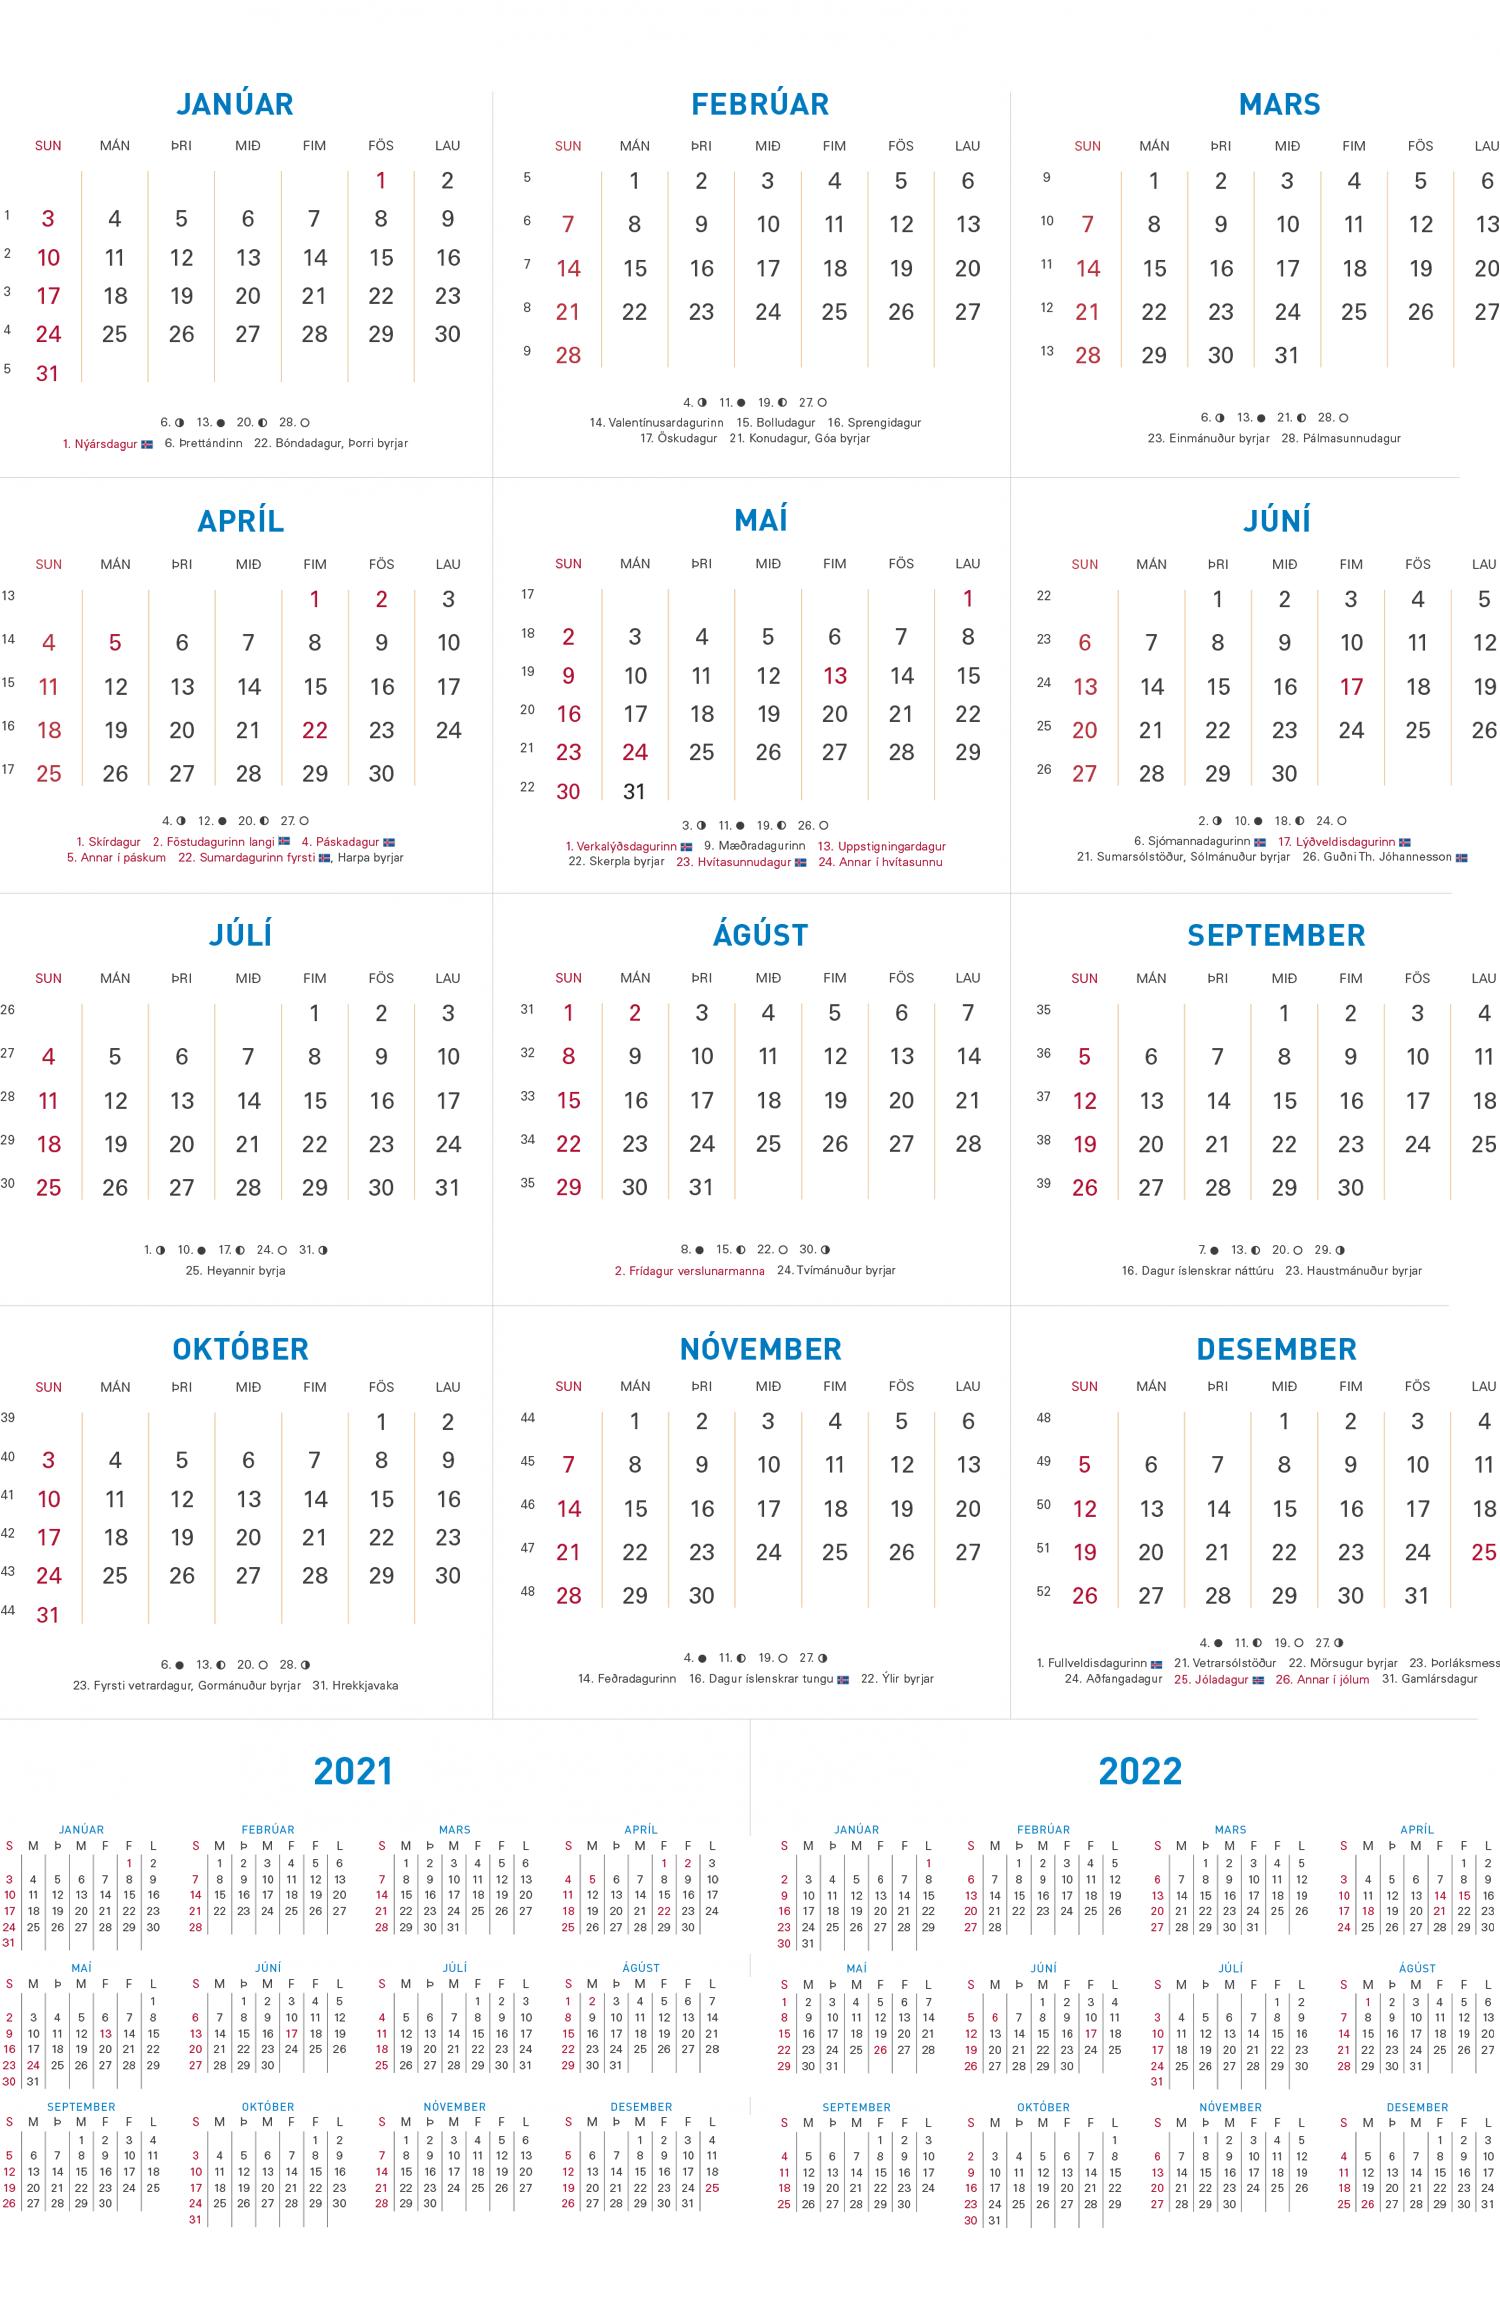 Dagatal_2021_web